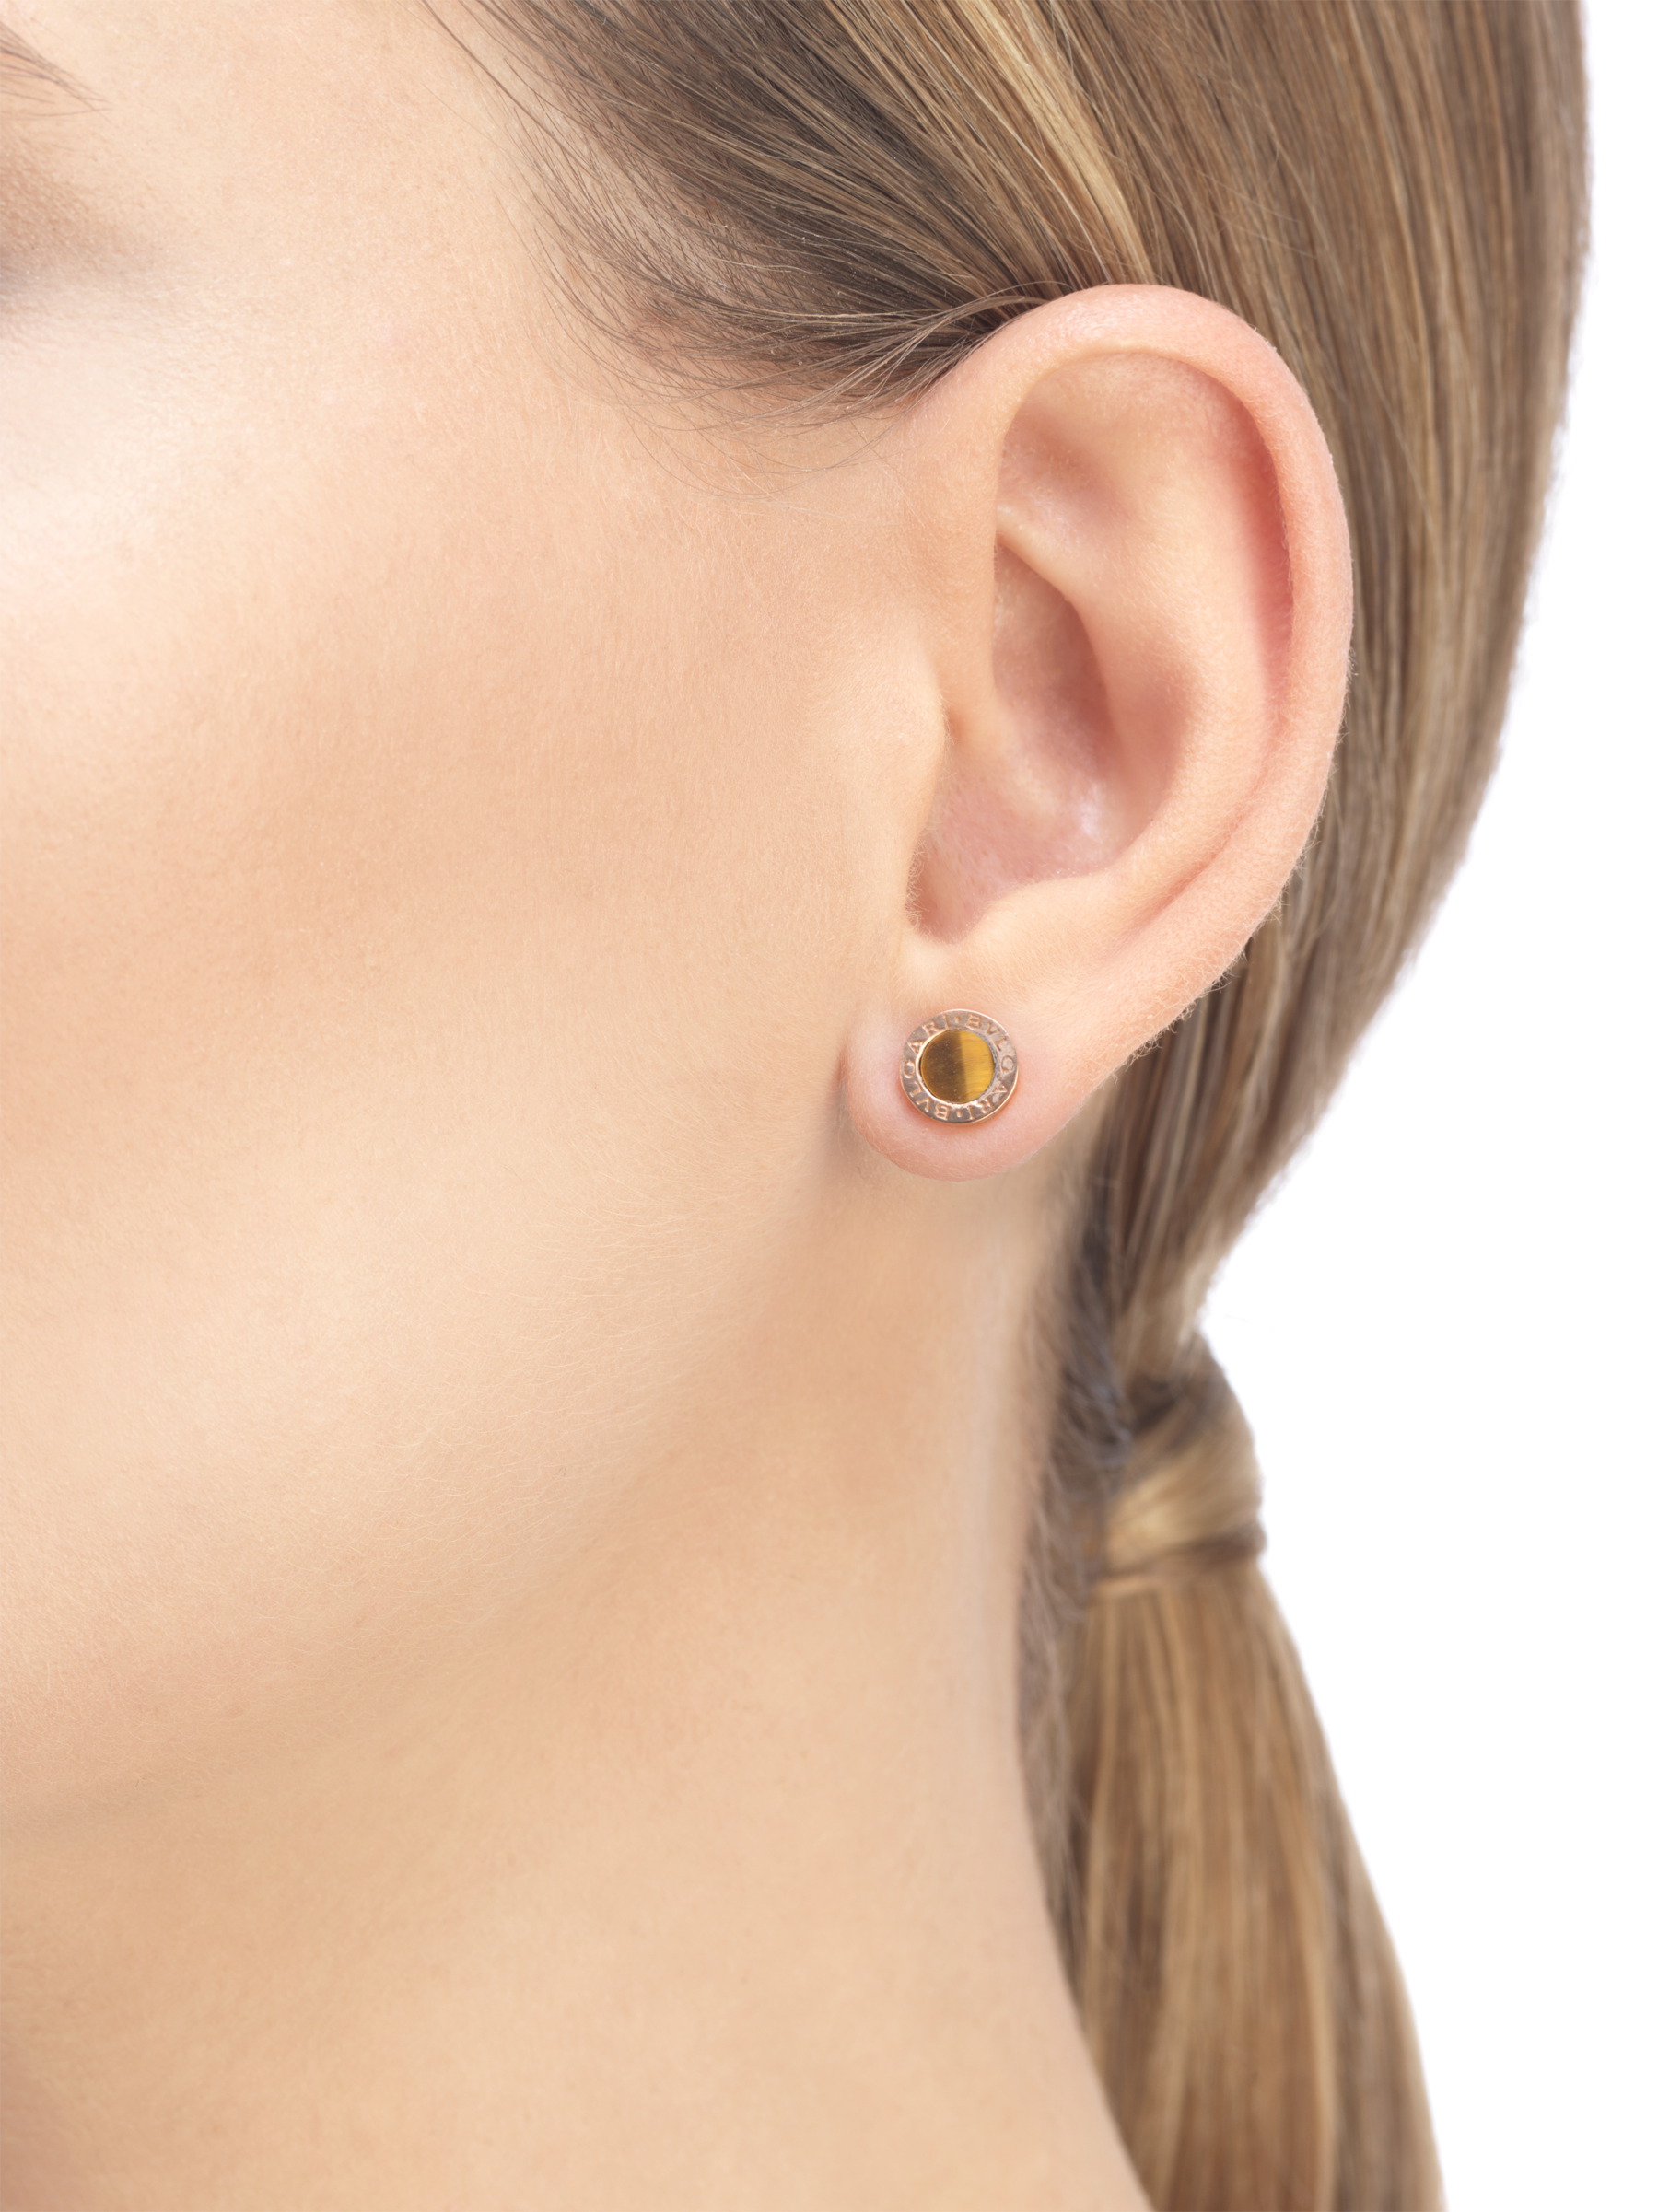 Boucle d'oreille unitaire BVLGARI BVLGARI en or rose 18K sertie d'un élément en œil-de-tigre 356364 image 3